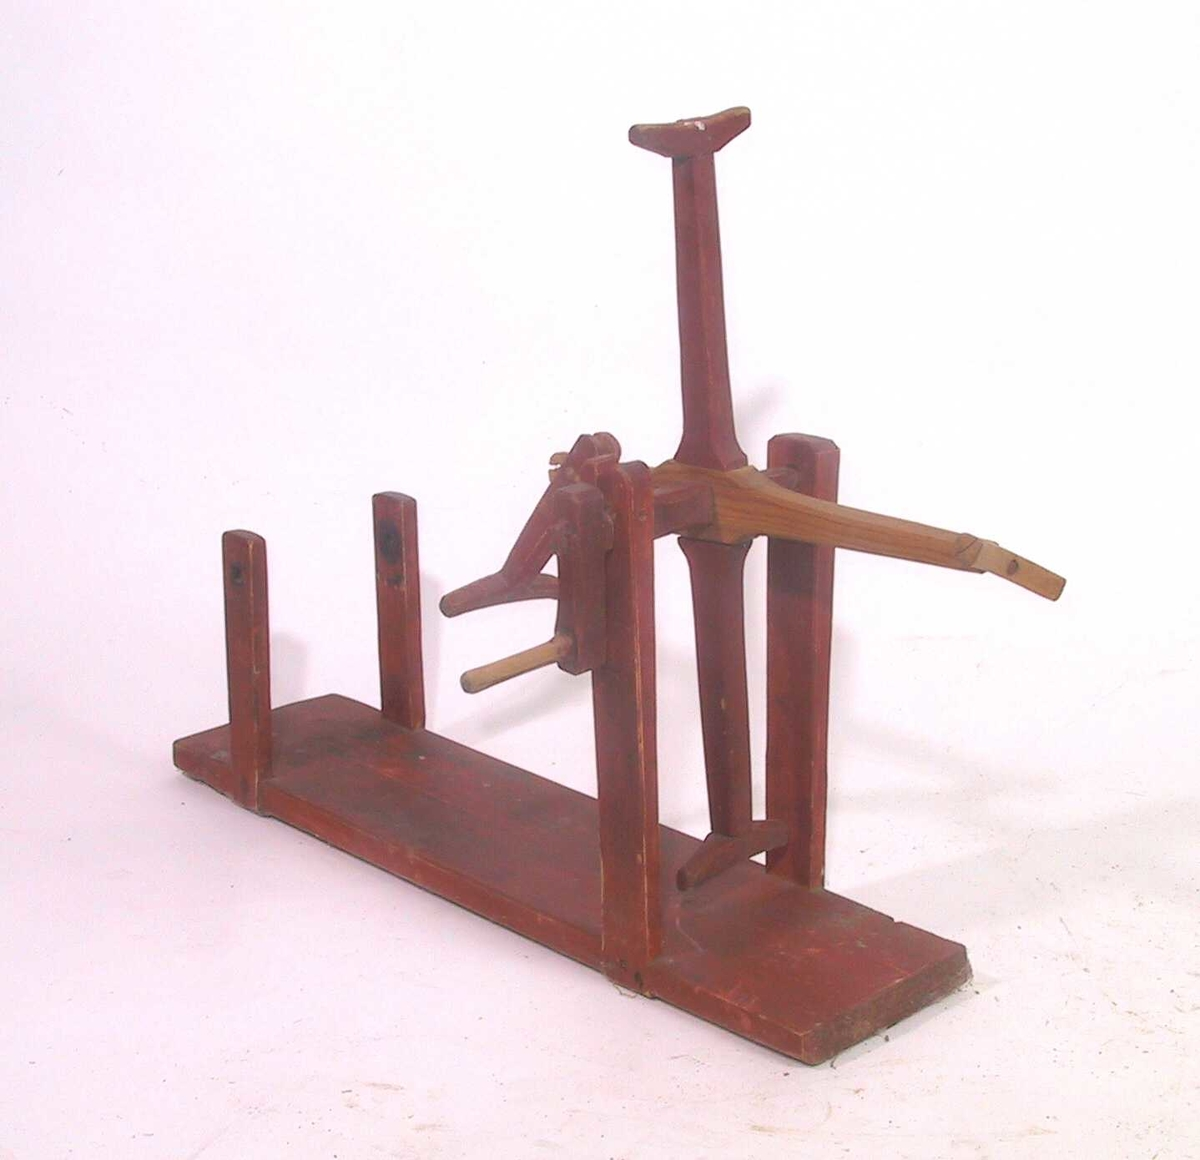 Hespetre, rødmalt. Rektangulært fotbrett med to lave og to høyere vertikale ledd i hjørnene.  I de høye er en aksling med 4 armet  med tverrledd ytterst.